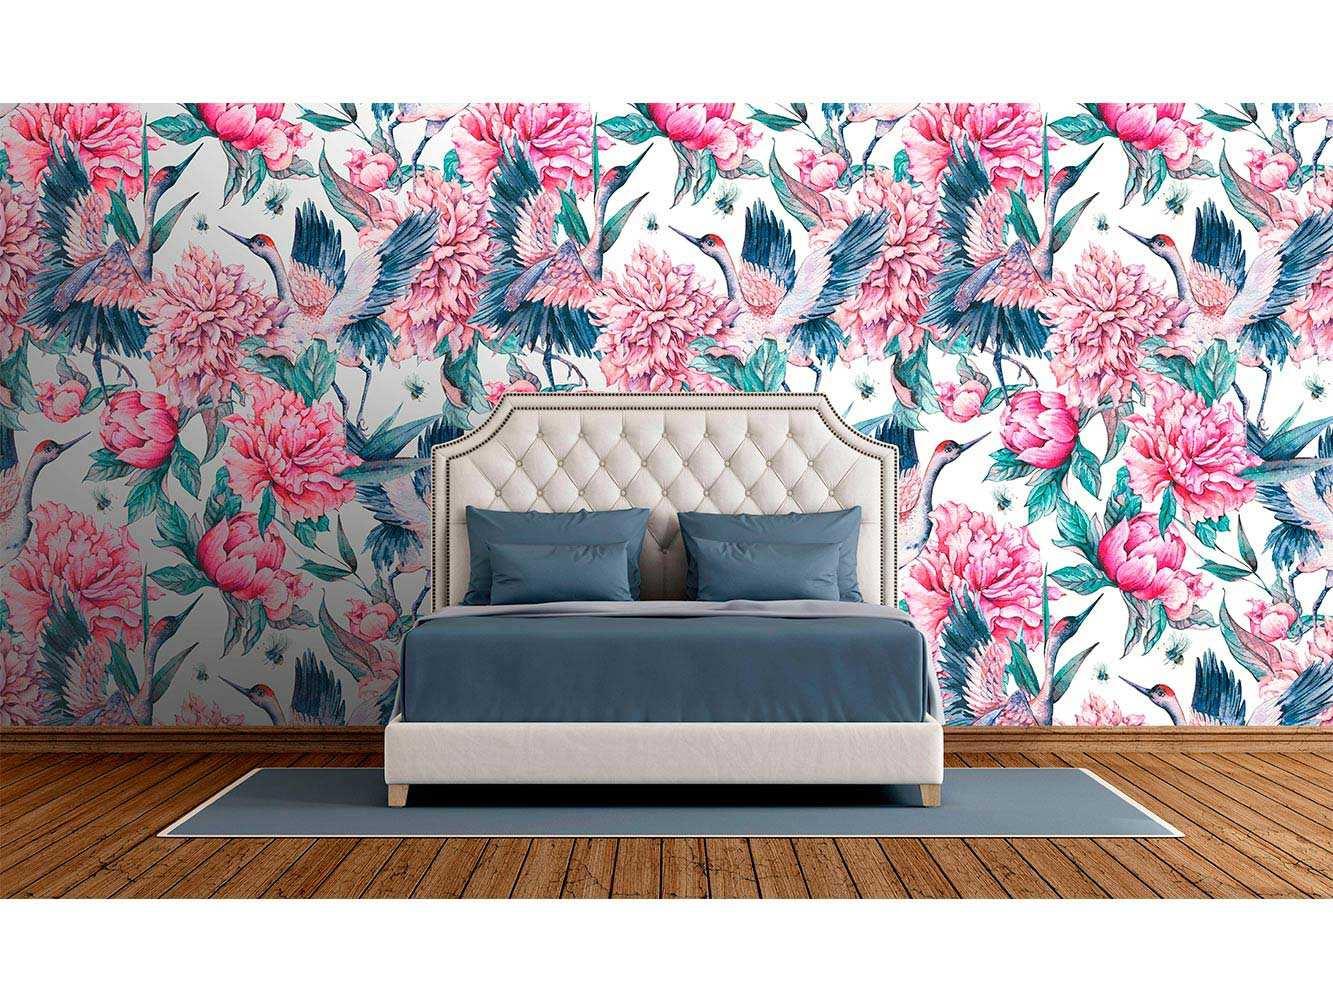 Fotomural Vinilo Zen Grulla Floral | Carteles XXL - Impresión carteleria publicitaria